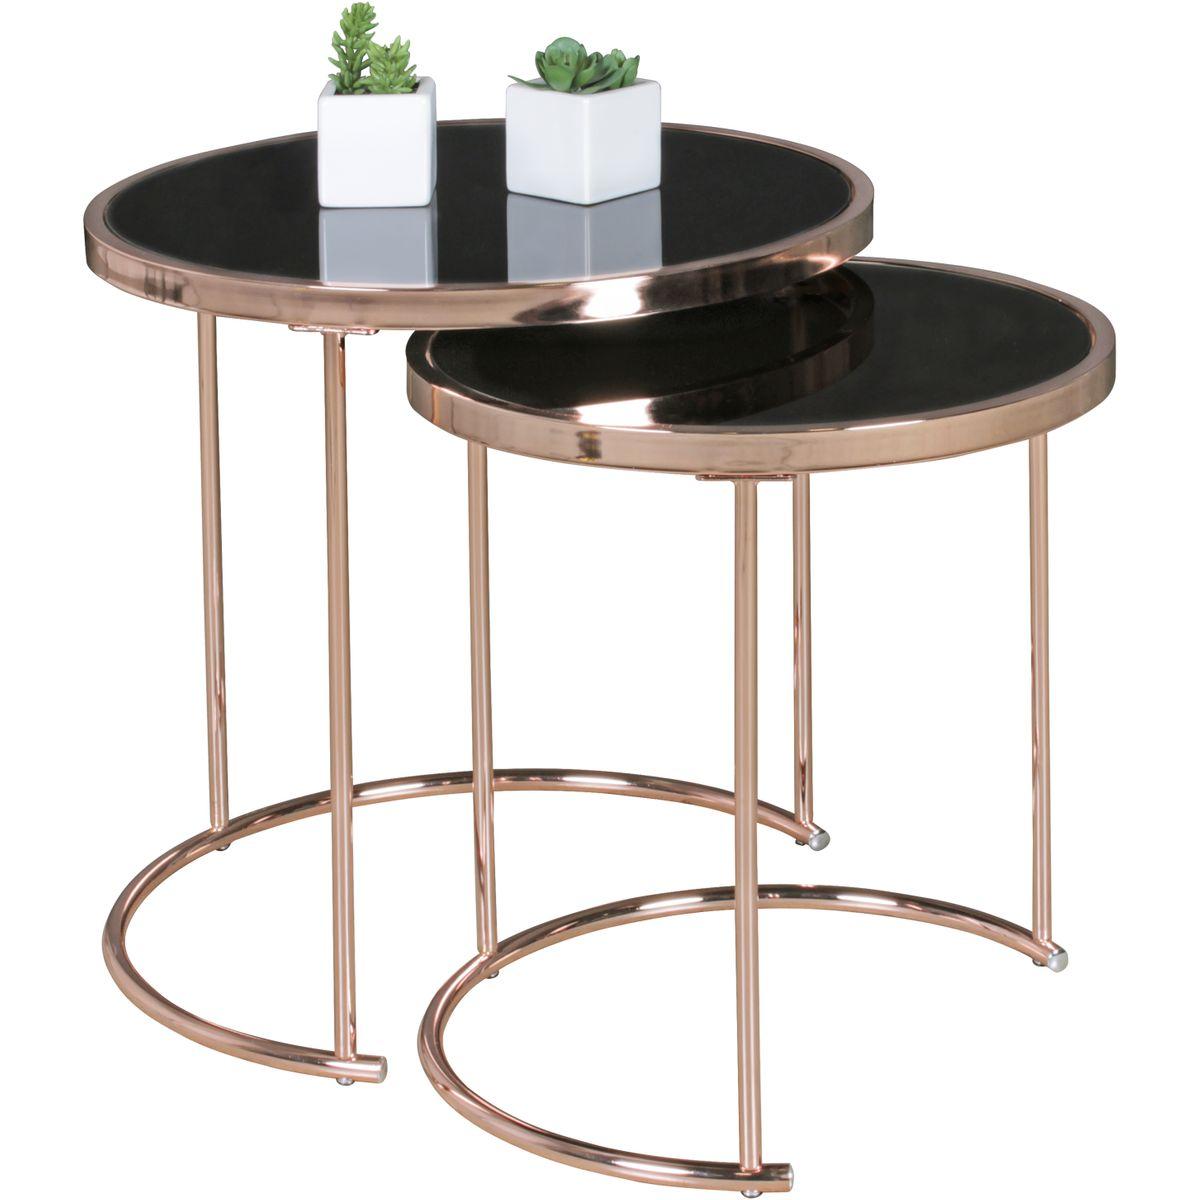 Design couchtisch deco glas kupfer 2er set for Wohnzimmertisch glasplatte